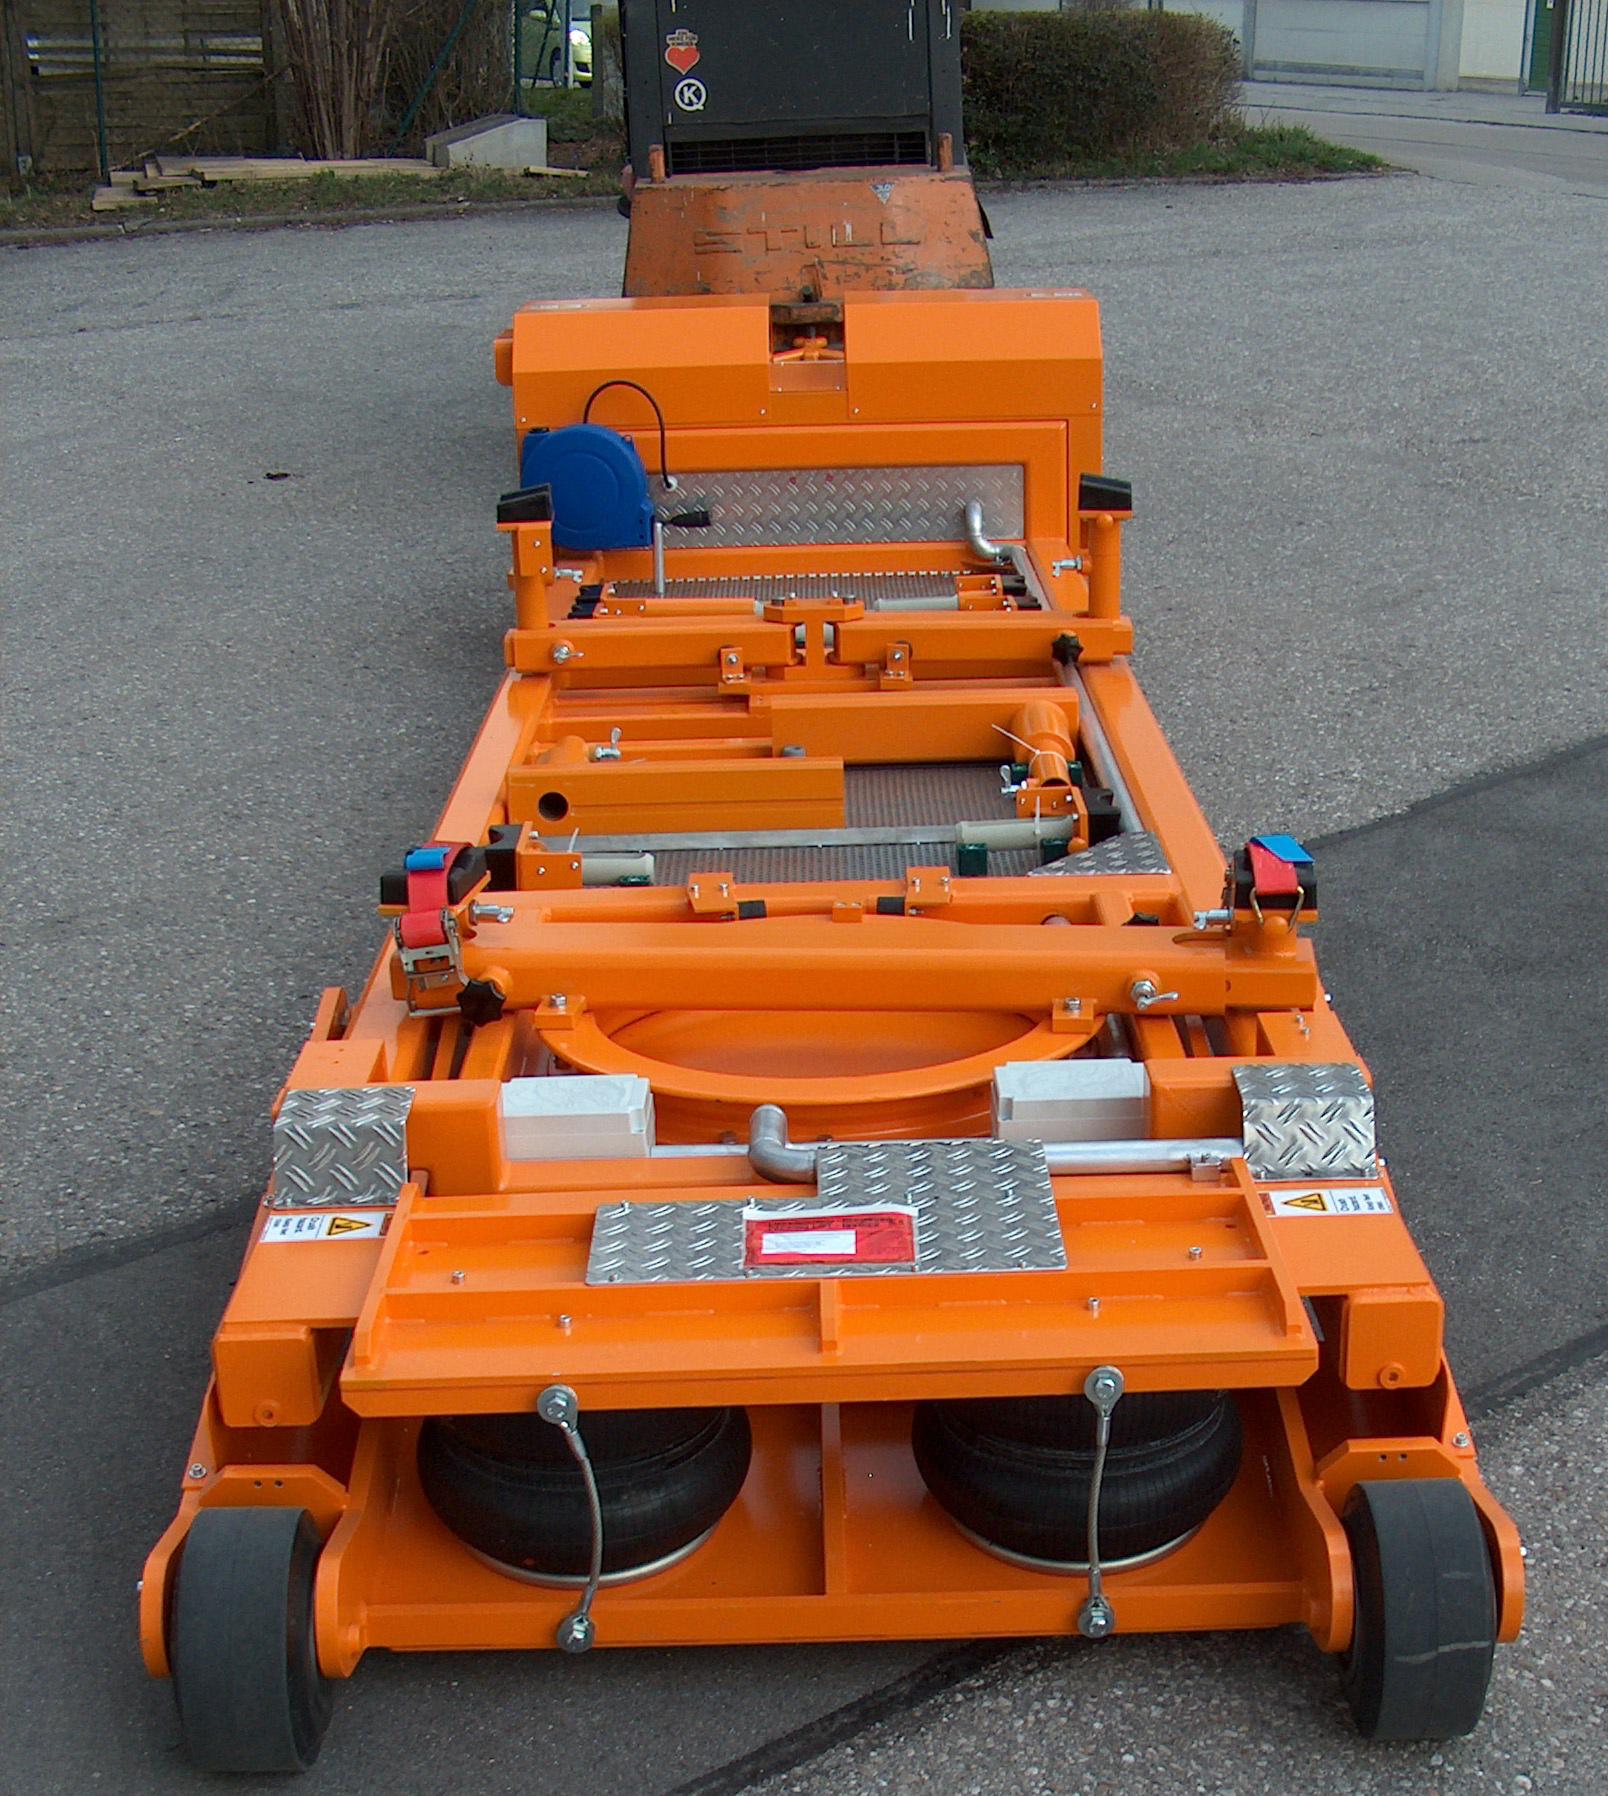 Heli-Trolley, Heli Truck, Helihubwagen, Helicopter Tow, Hubwagen für den Transport von Hubschraubern auf dem Boden